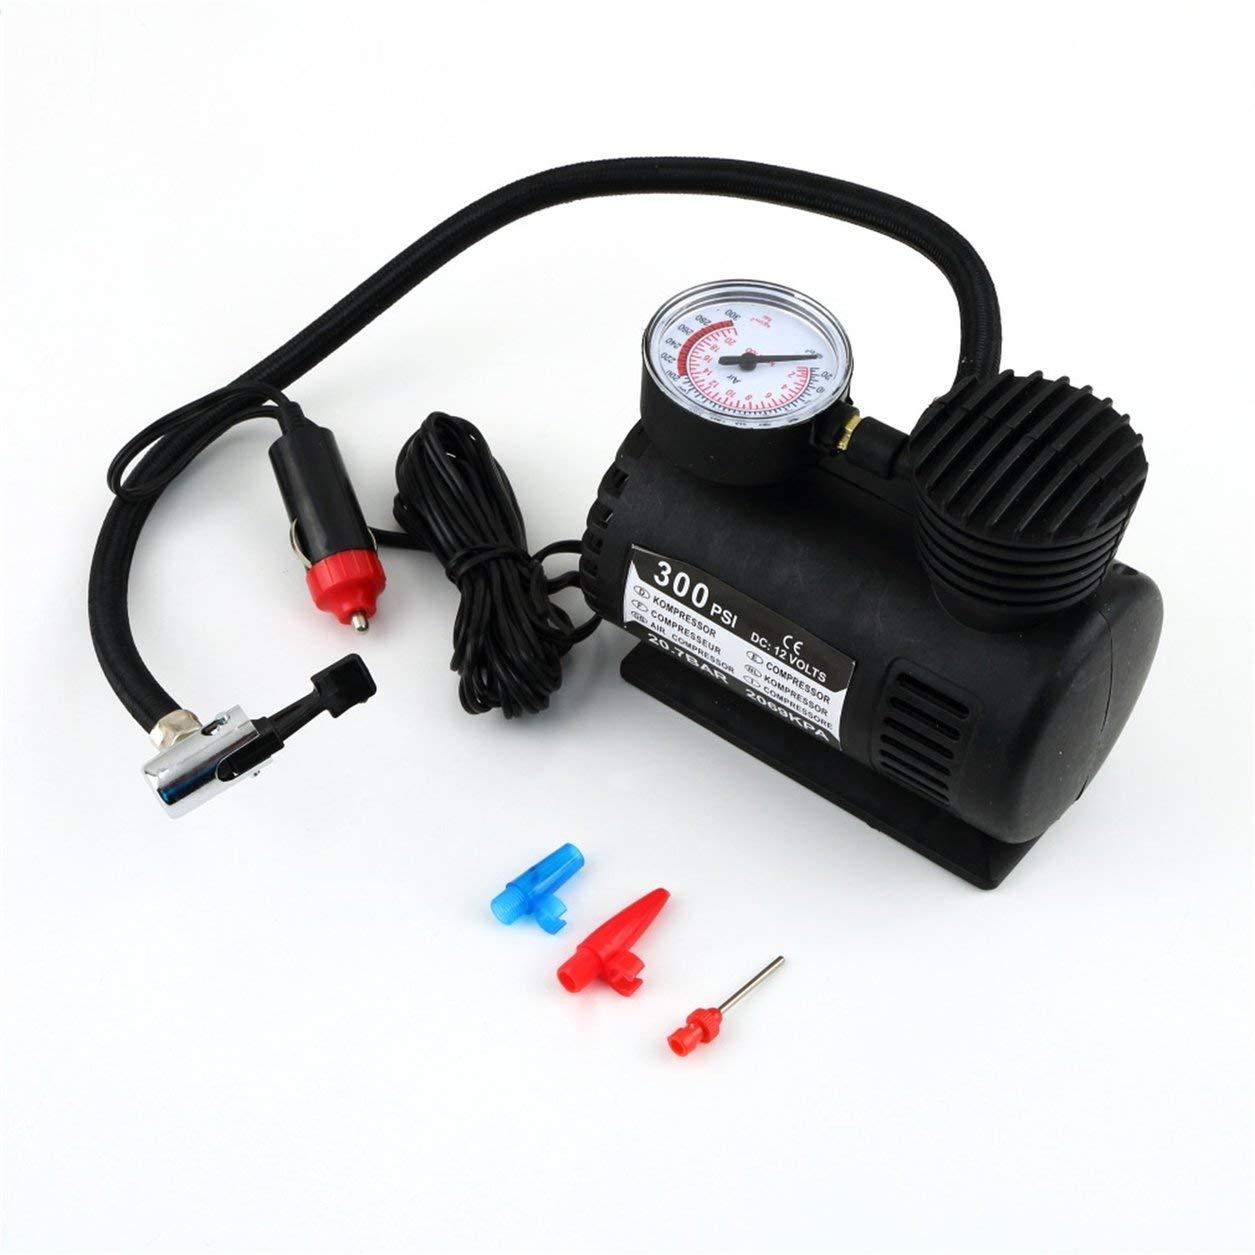 Schwarz Tragbare 12V Auto Auto elektrische Luftverdichter-Gummireifen Infaltor Pump 300 PSI Dailyinshop